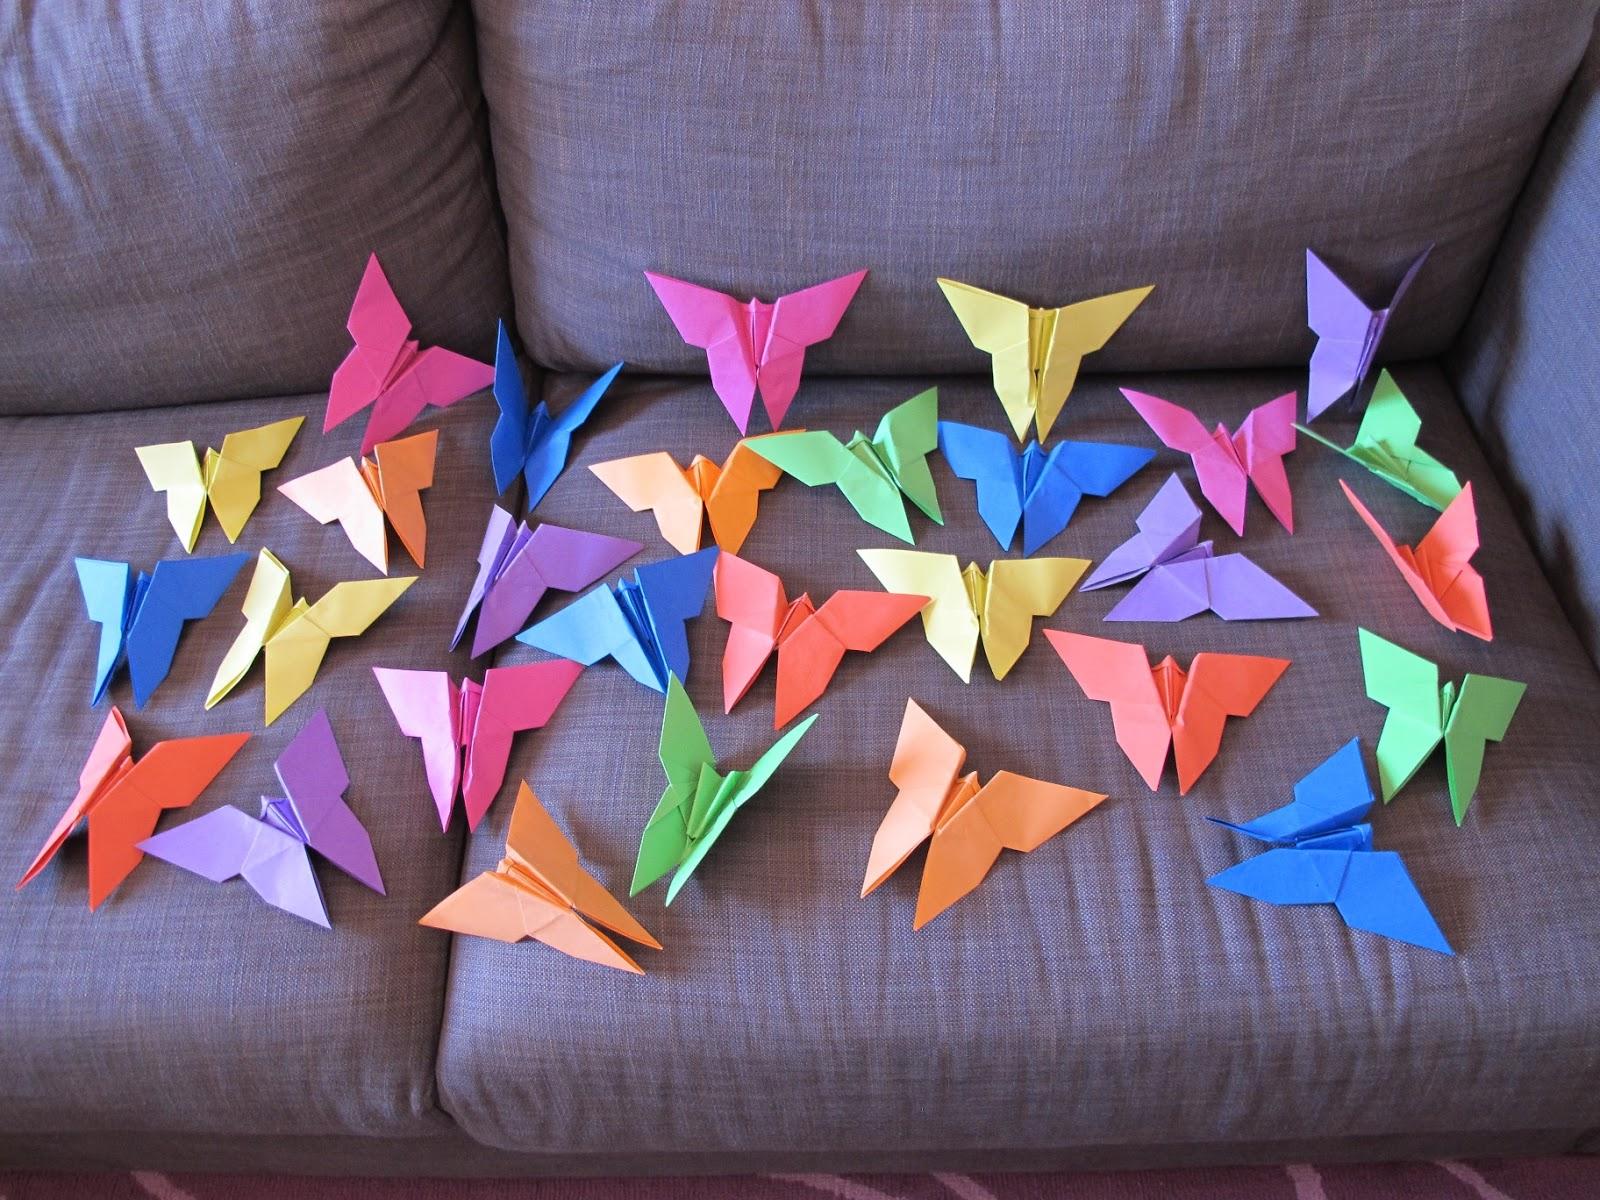 Angolino di liana decorazioni battesimo fai da te farfalle di origami - Decorazioni battesimo fai da te ...